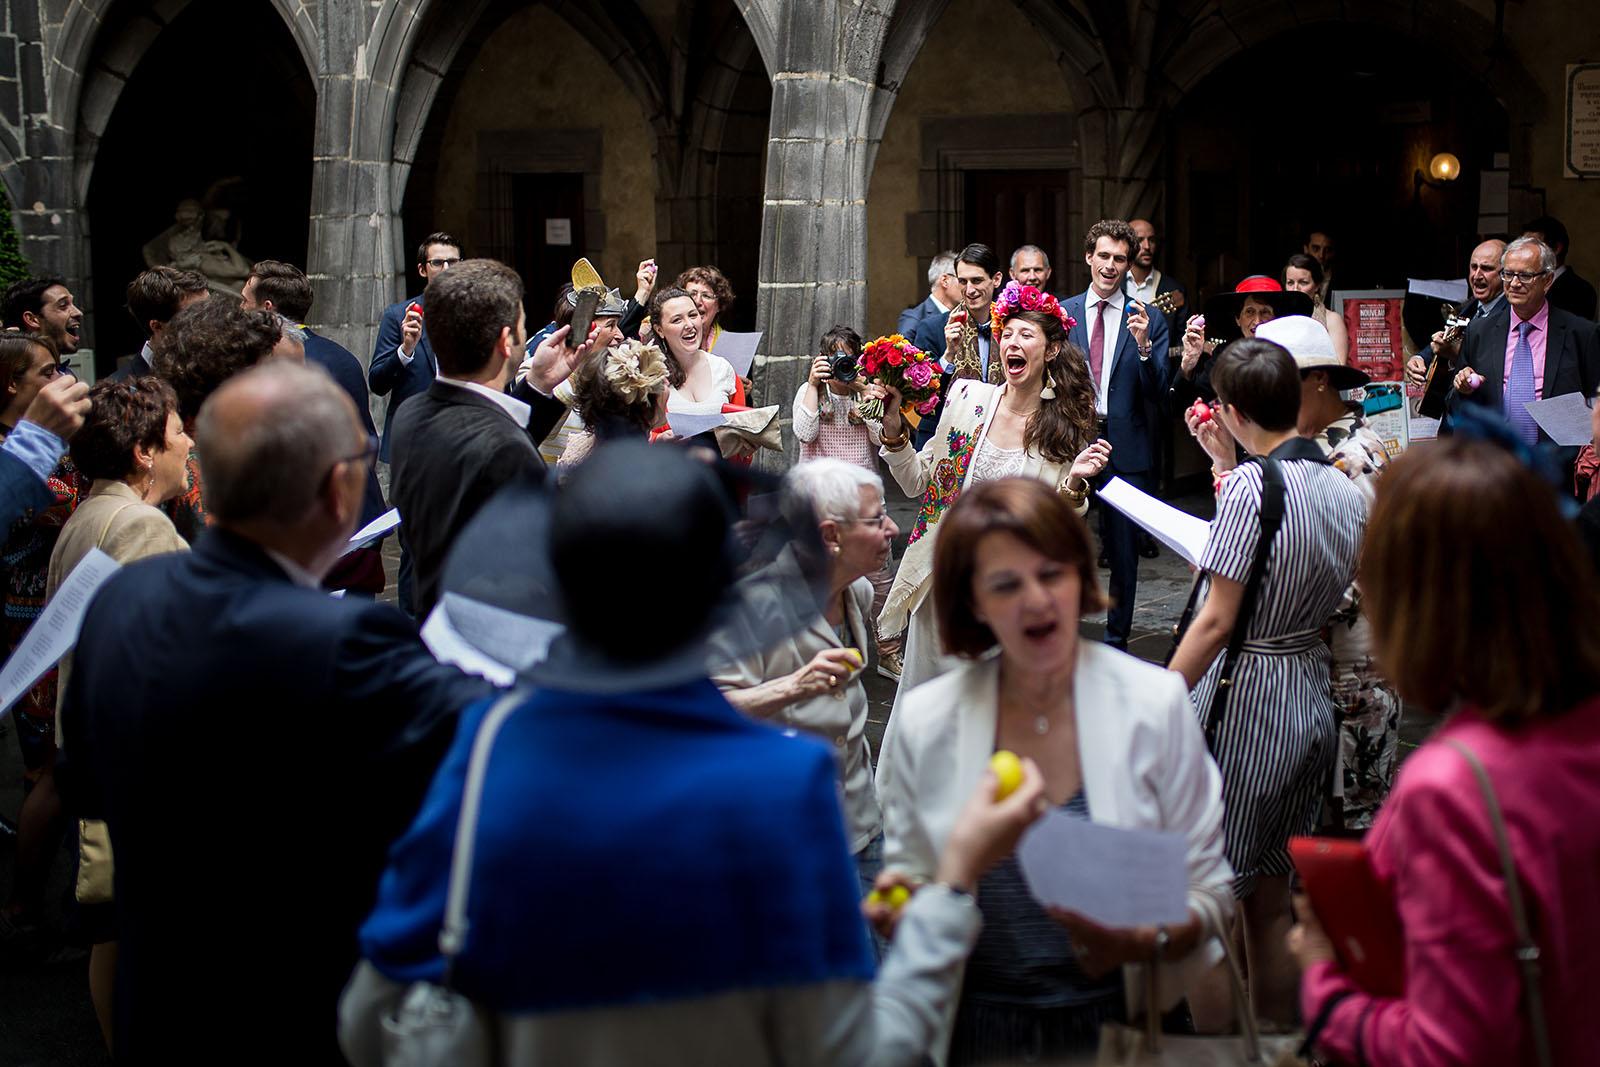 Photographe de mariage à Clermont Ferrand La mariée joyeuse